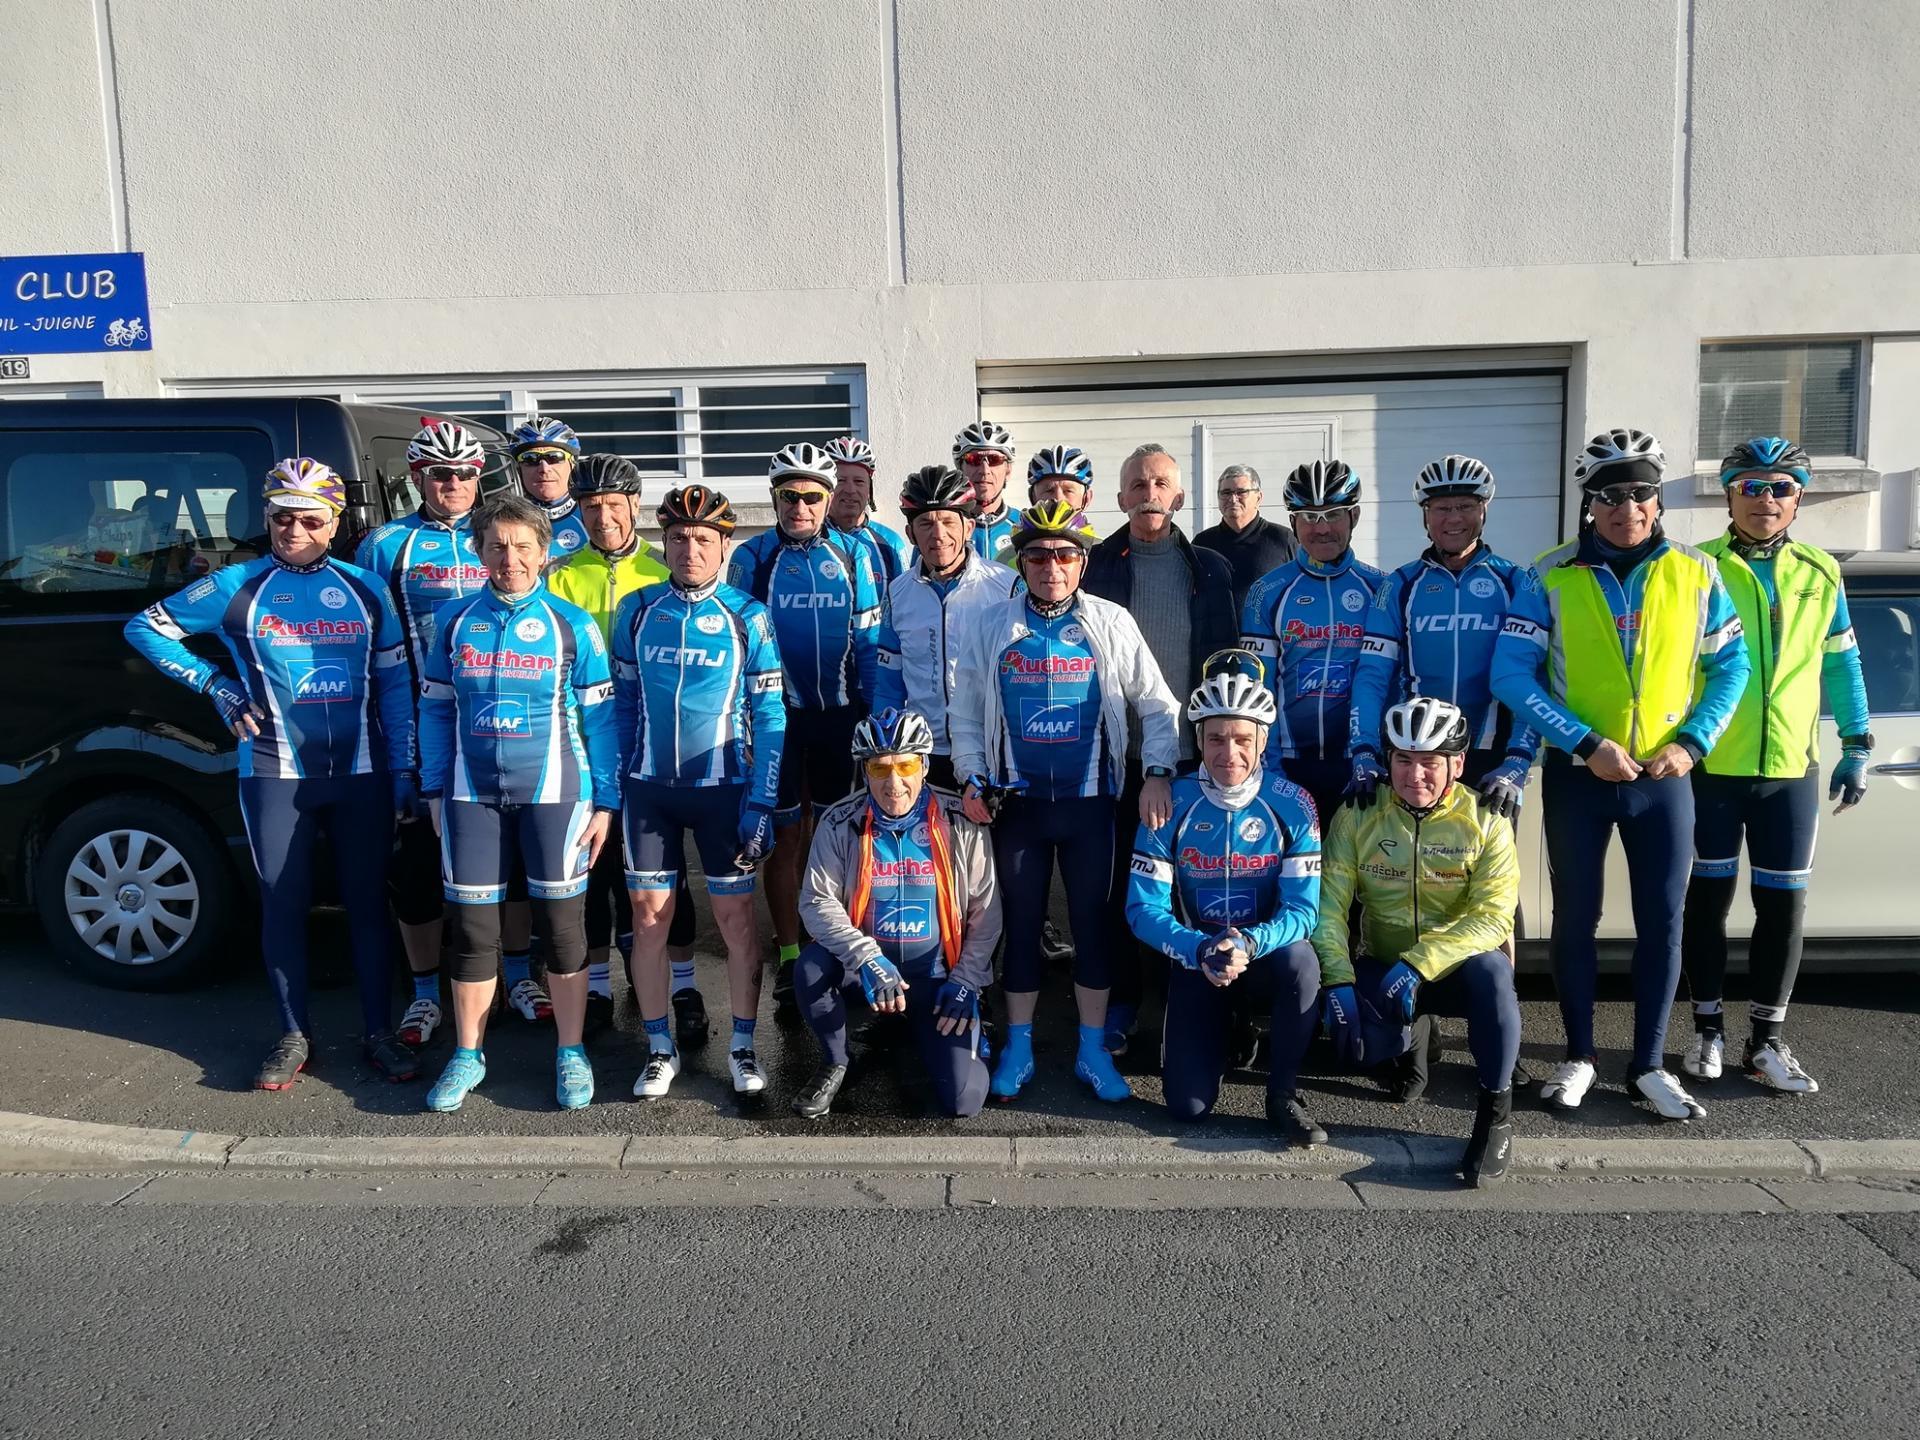 Vélo Club de Montreuil Juigné